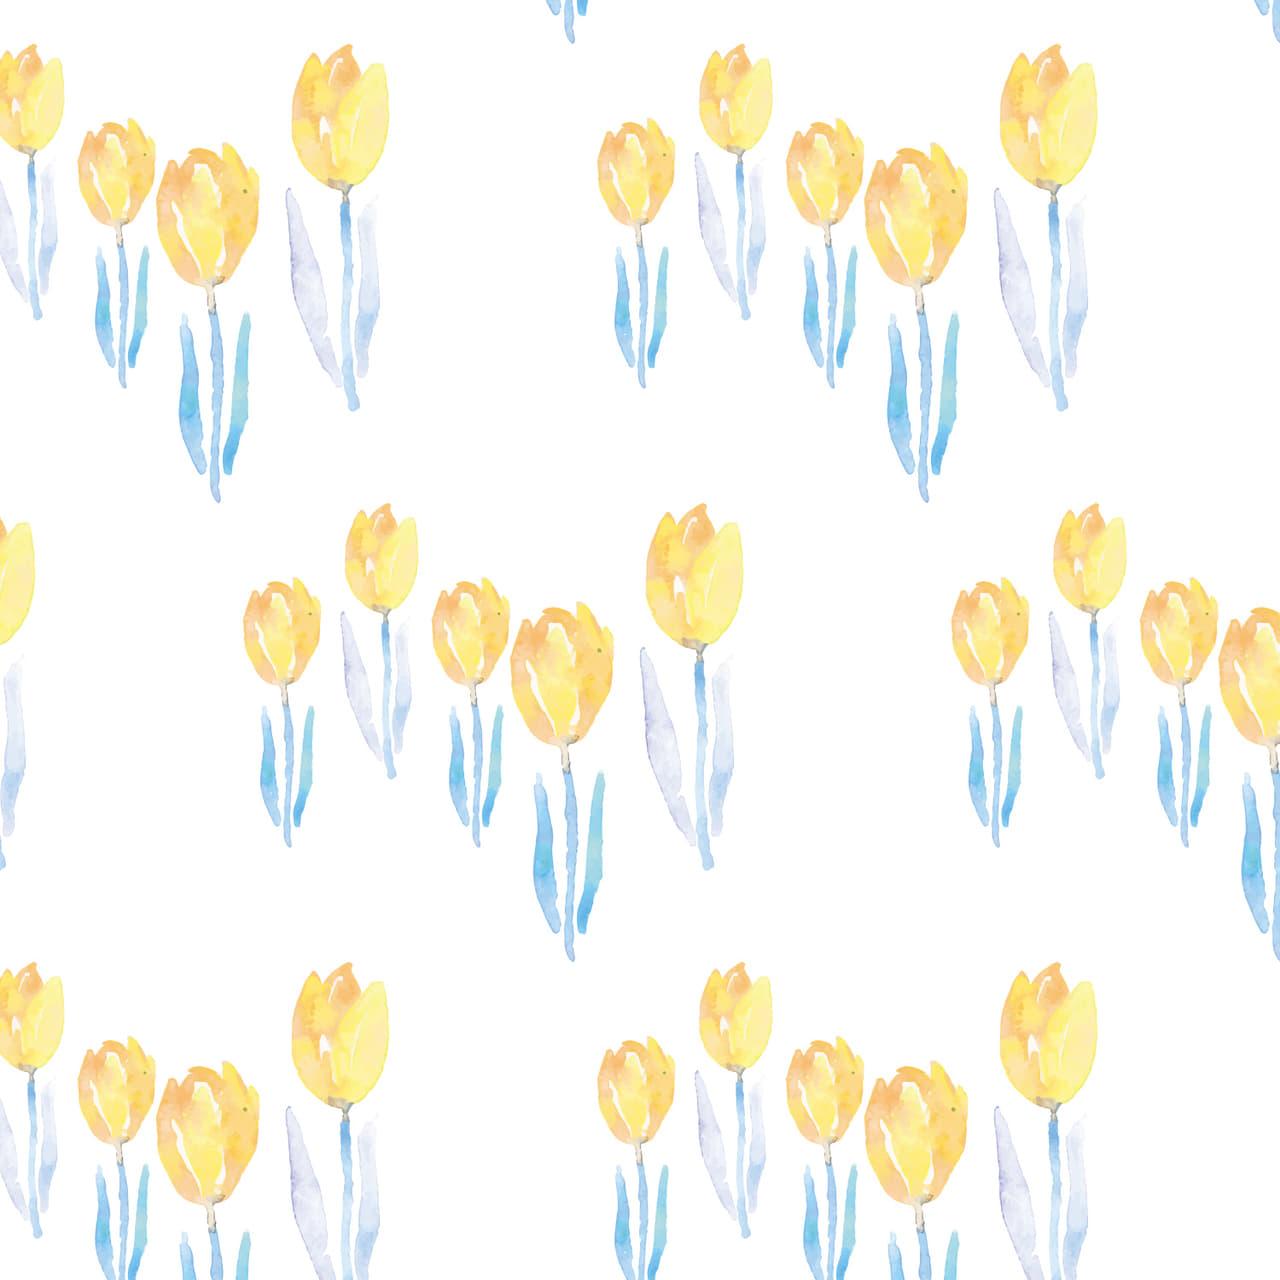 水彩のチューリップ柄のラッピング素材 黄色ver